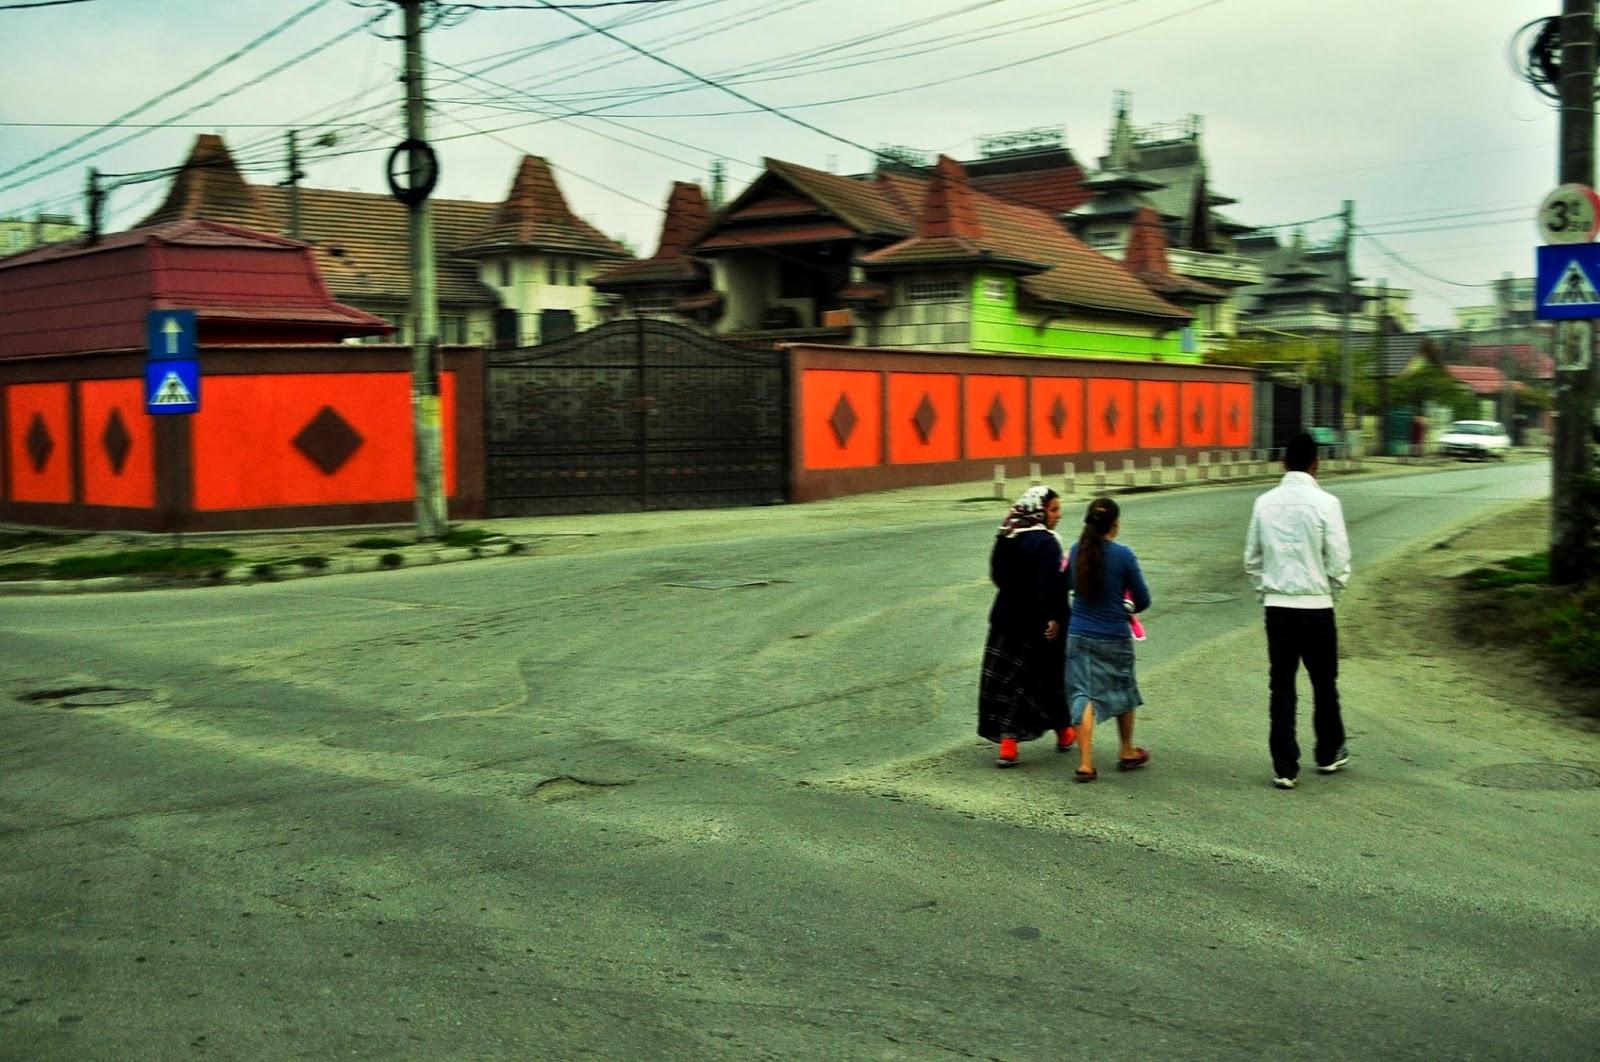 На сутринта продължаваме обратно към България. По пътя профучаваме с автобуса край колоритни  ромски квартали.